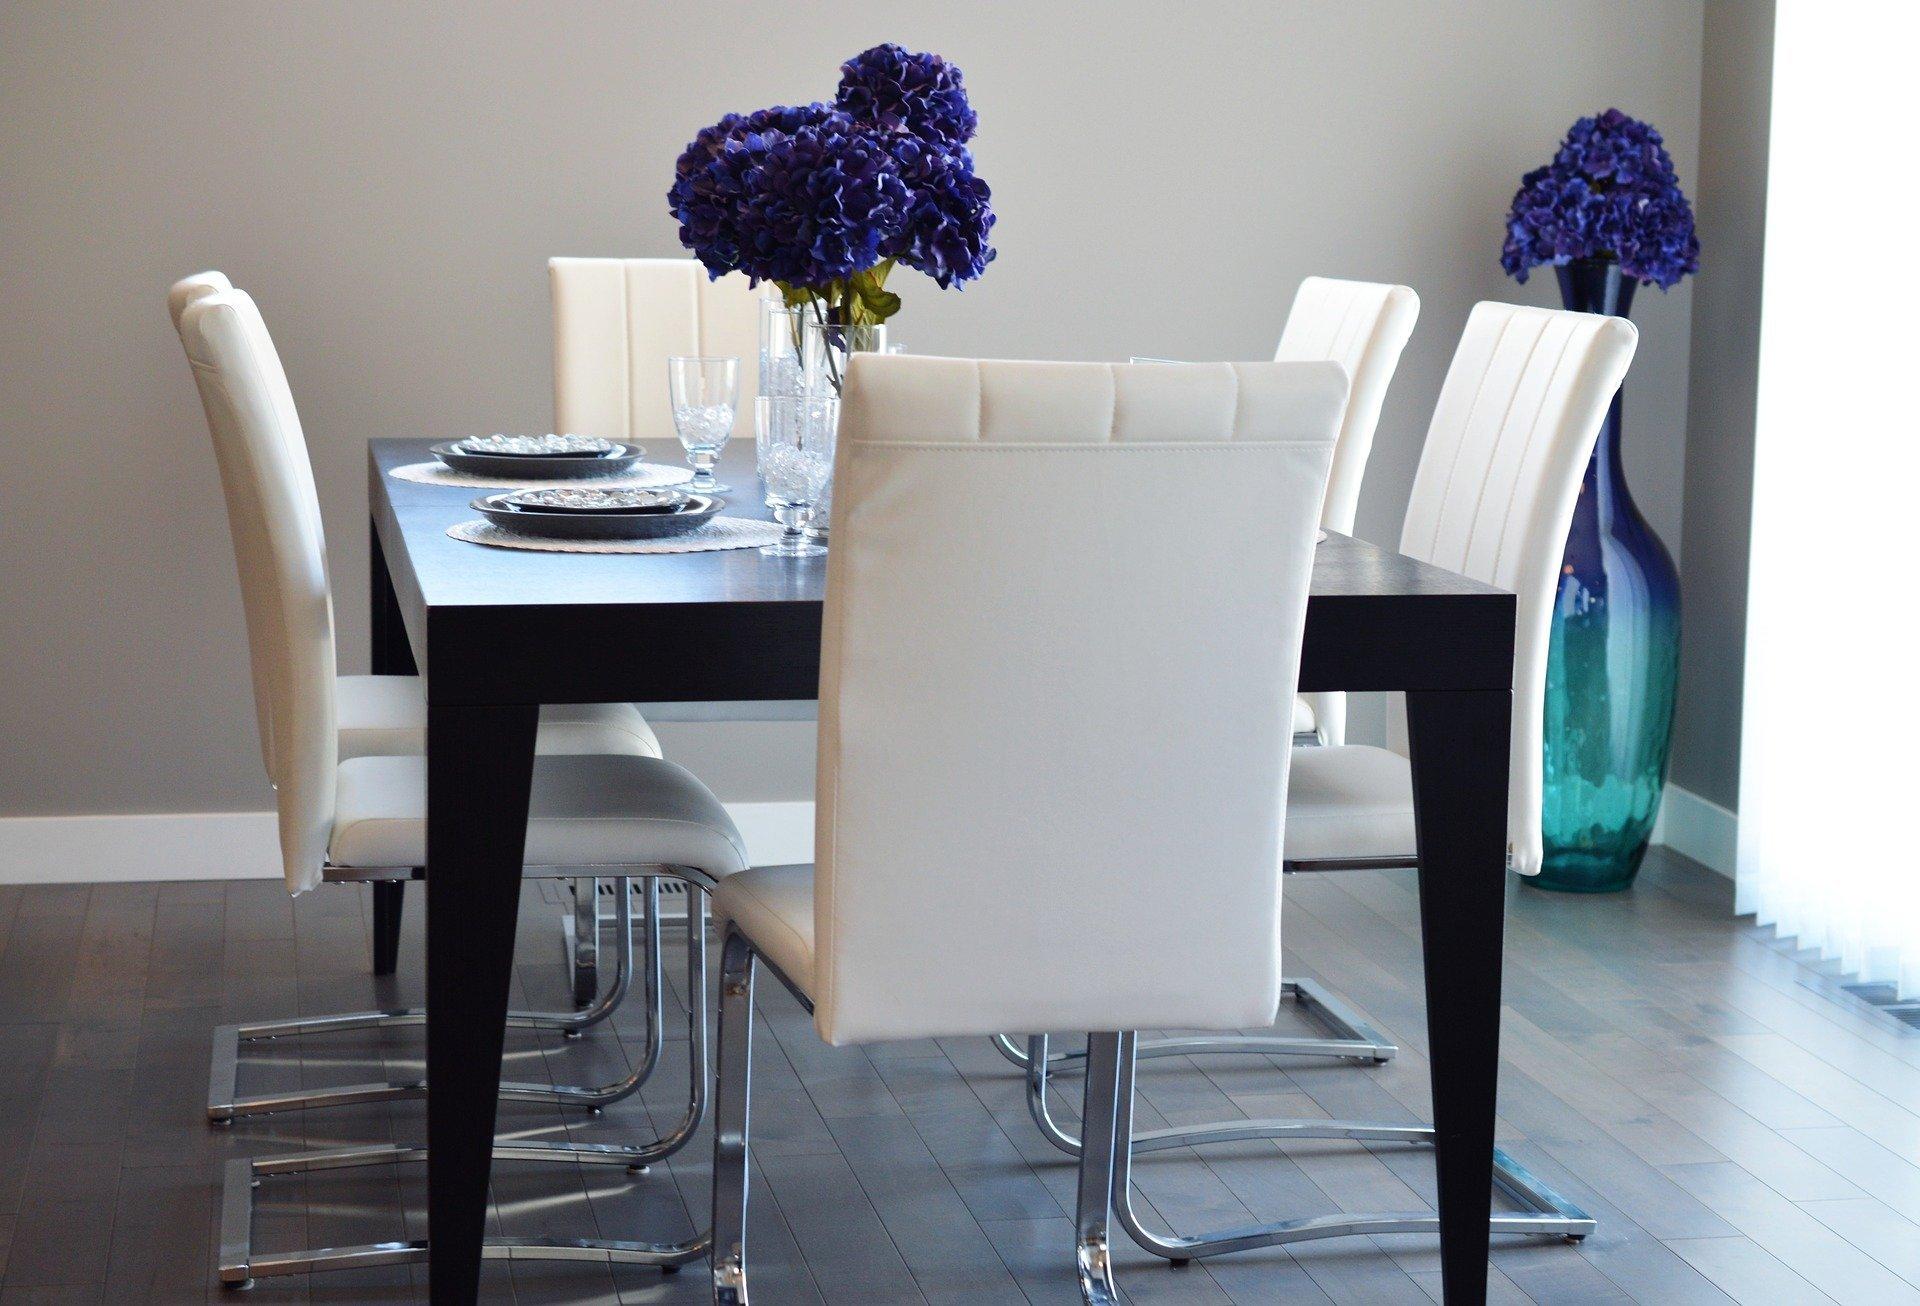 dining-room-2157778_1920